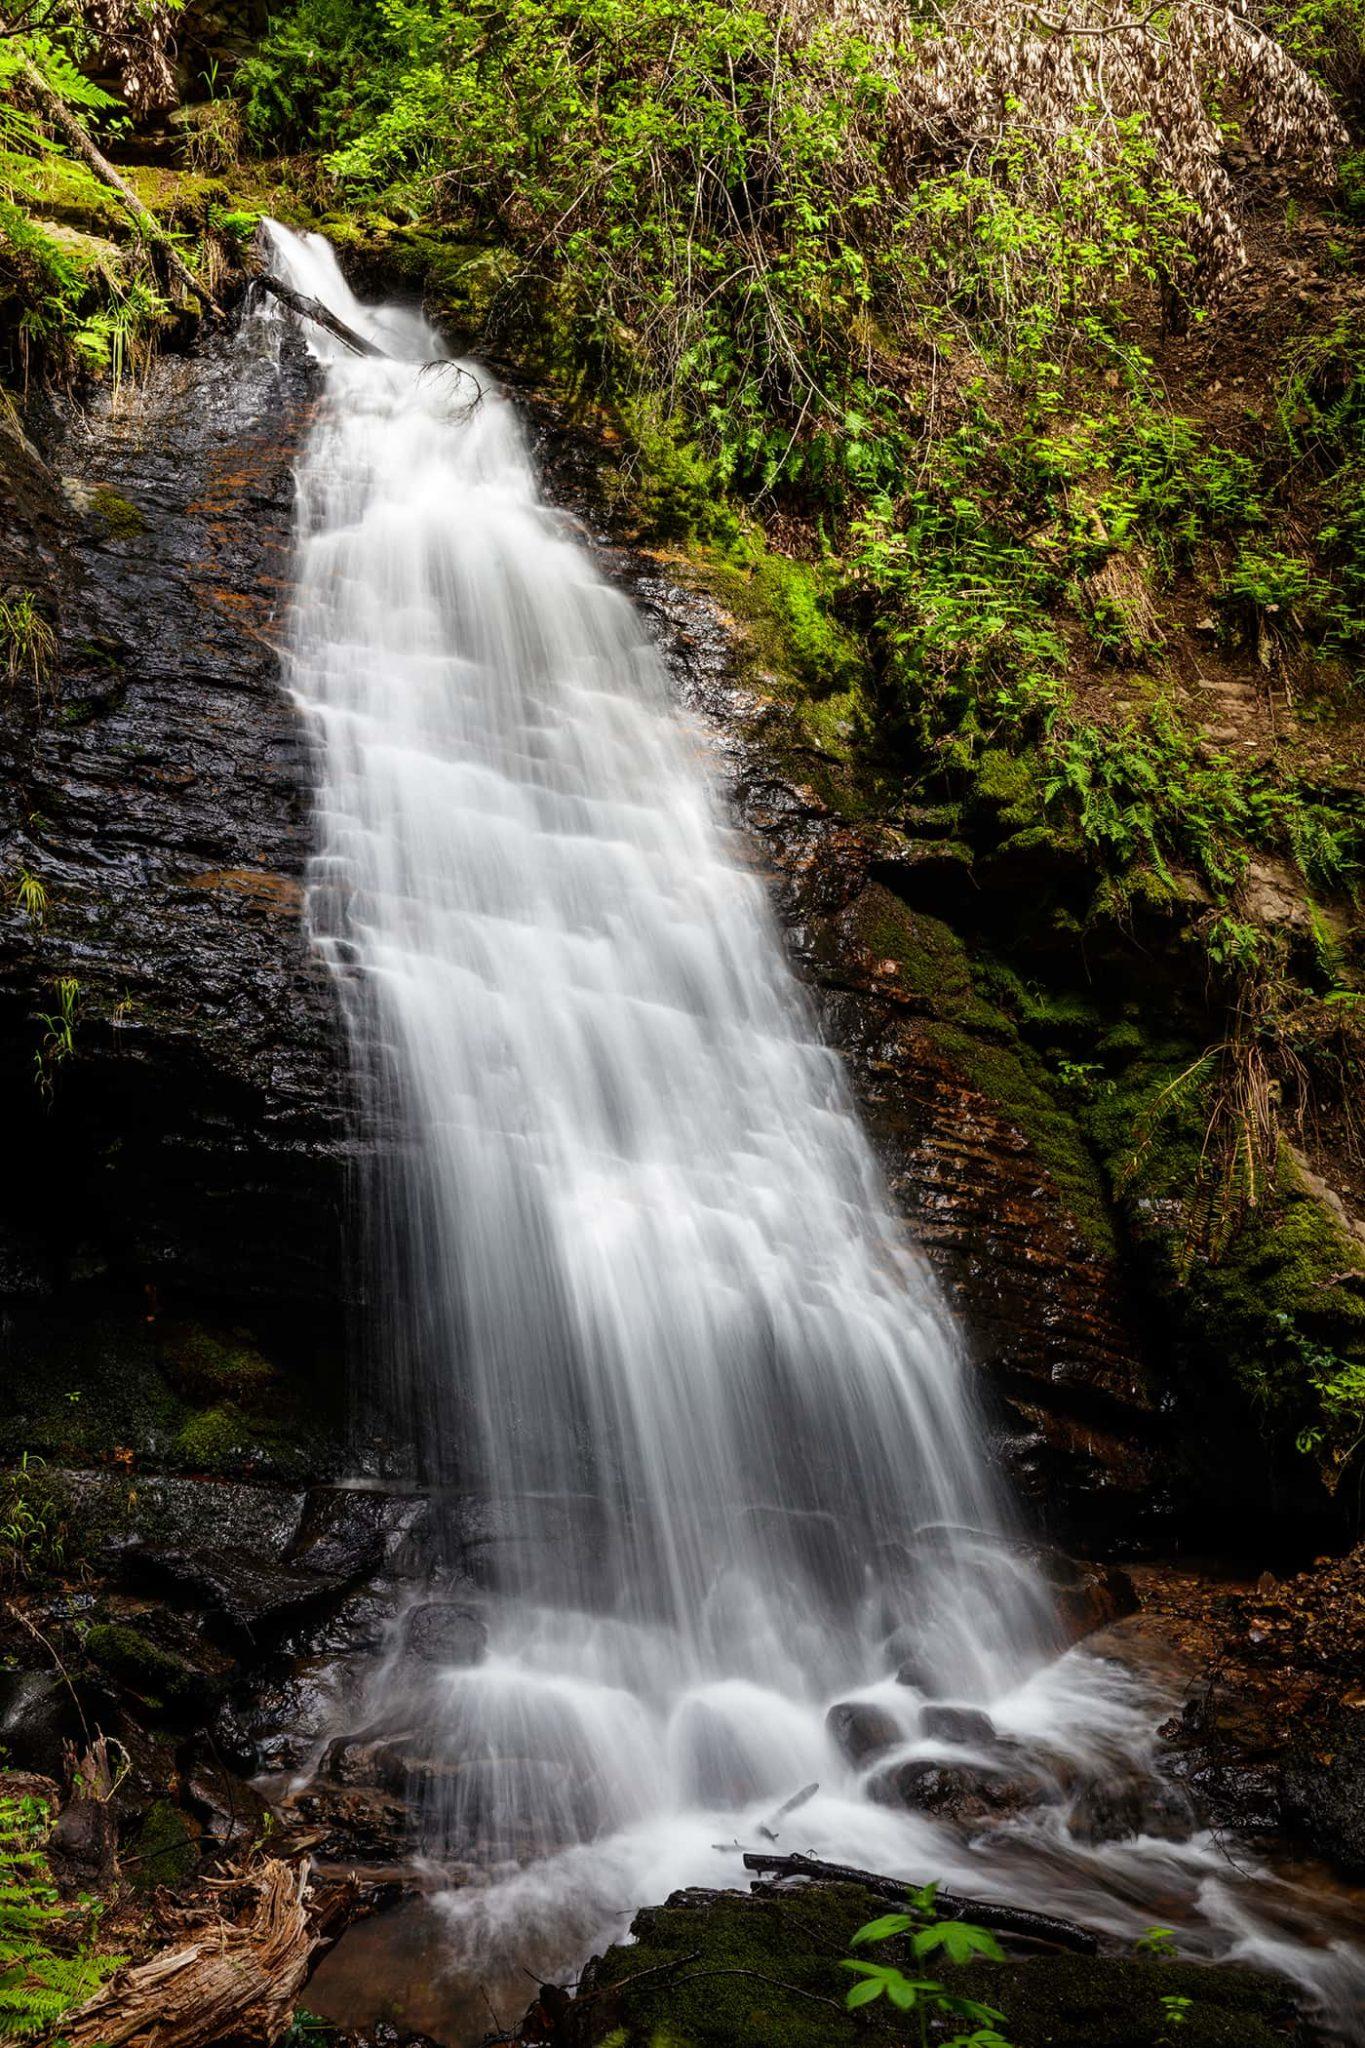 Cascade_Creek_Waterfall_1-5-web-1365x2048.jpg